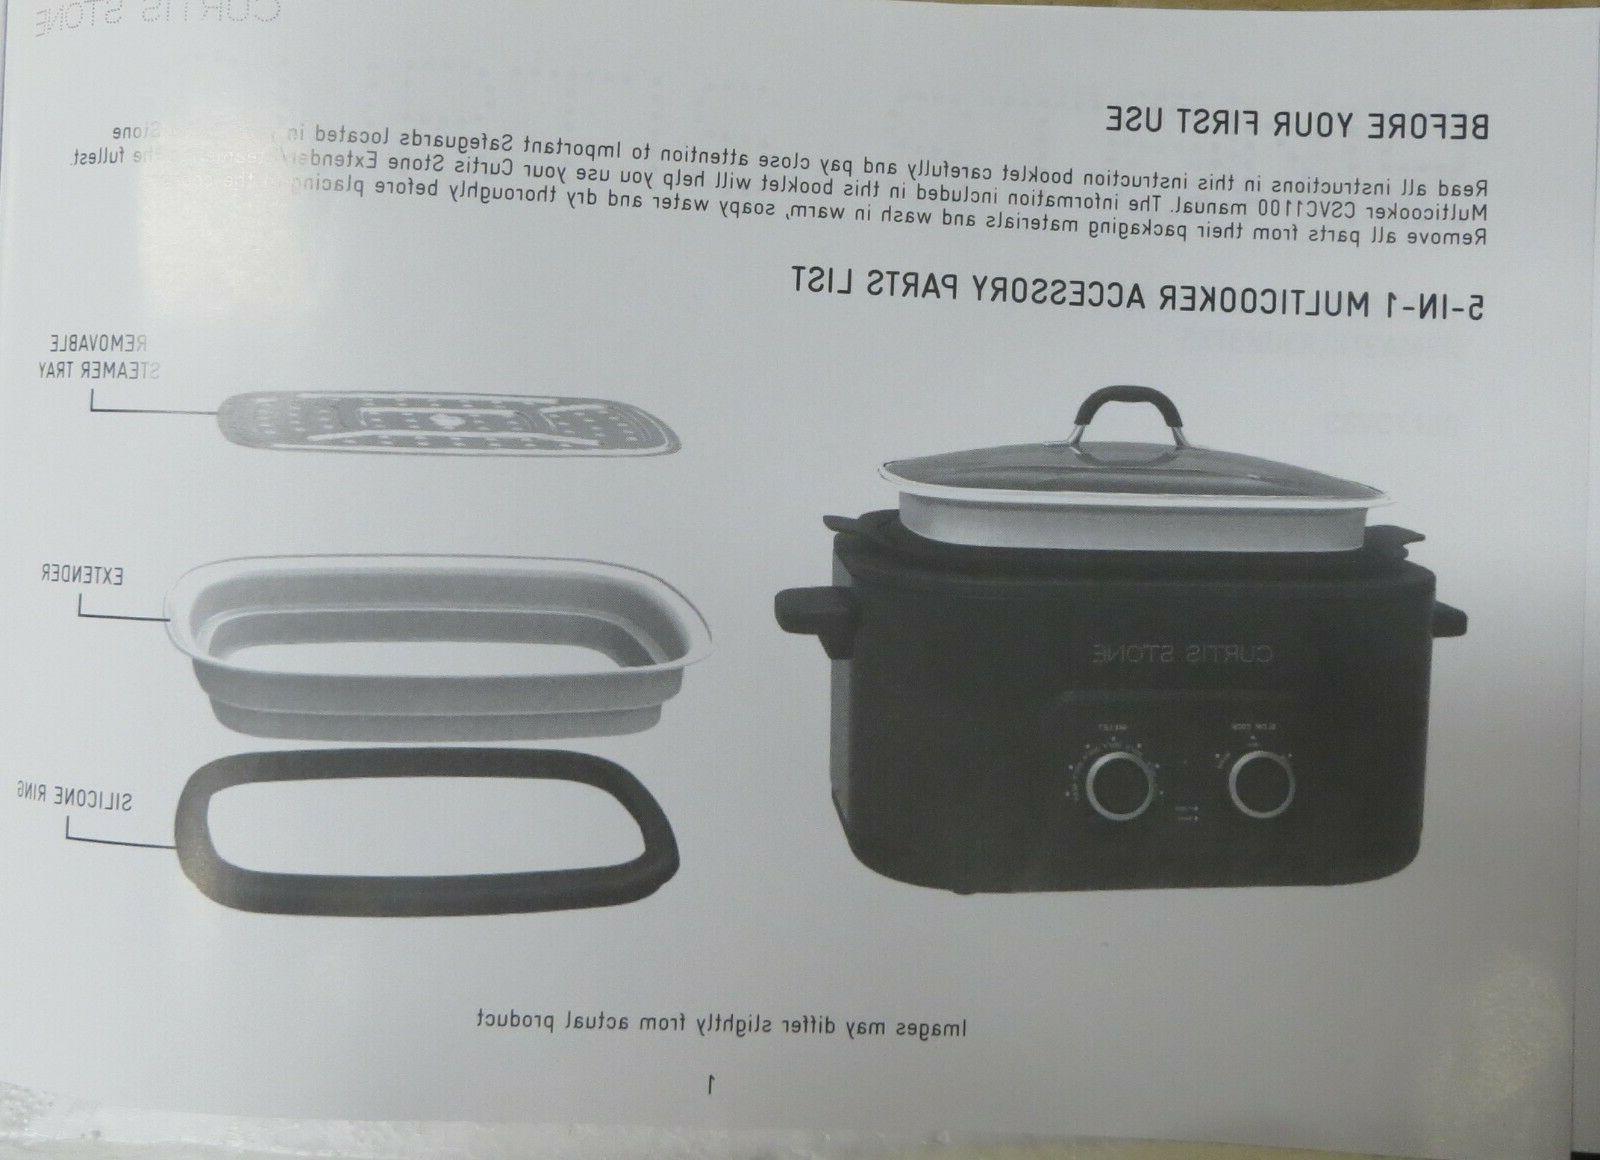 STONE GREY COLOR - BRAND NEW - Stone Multicooker